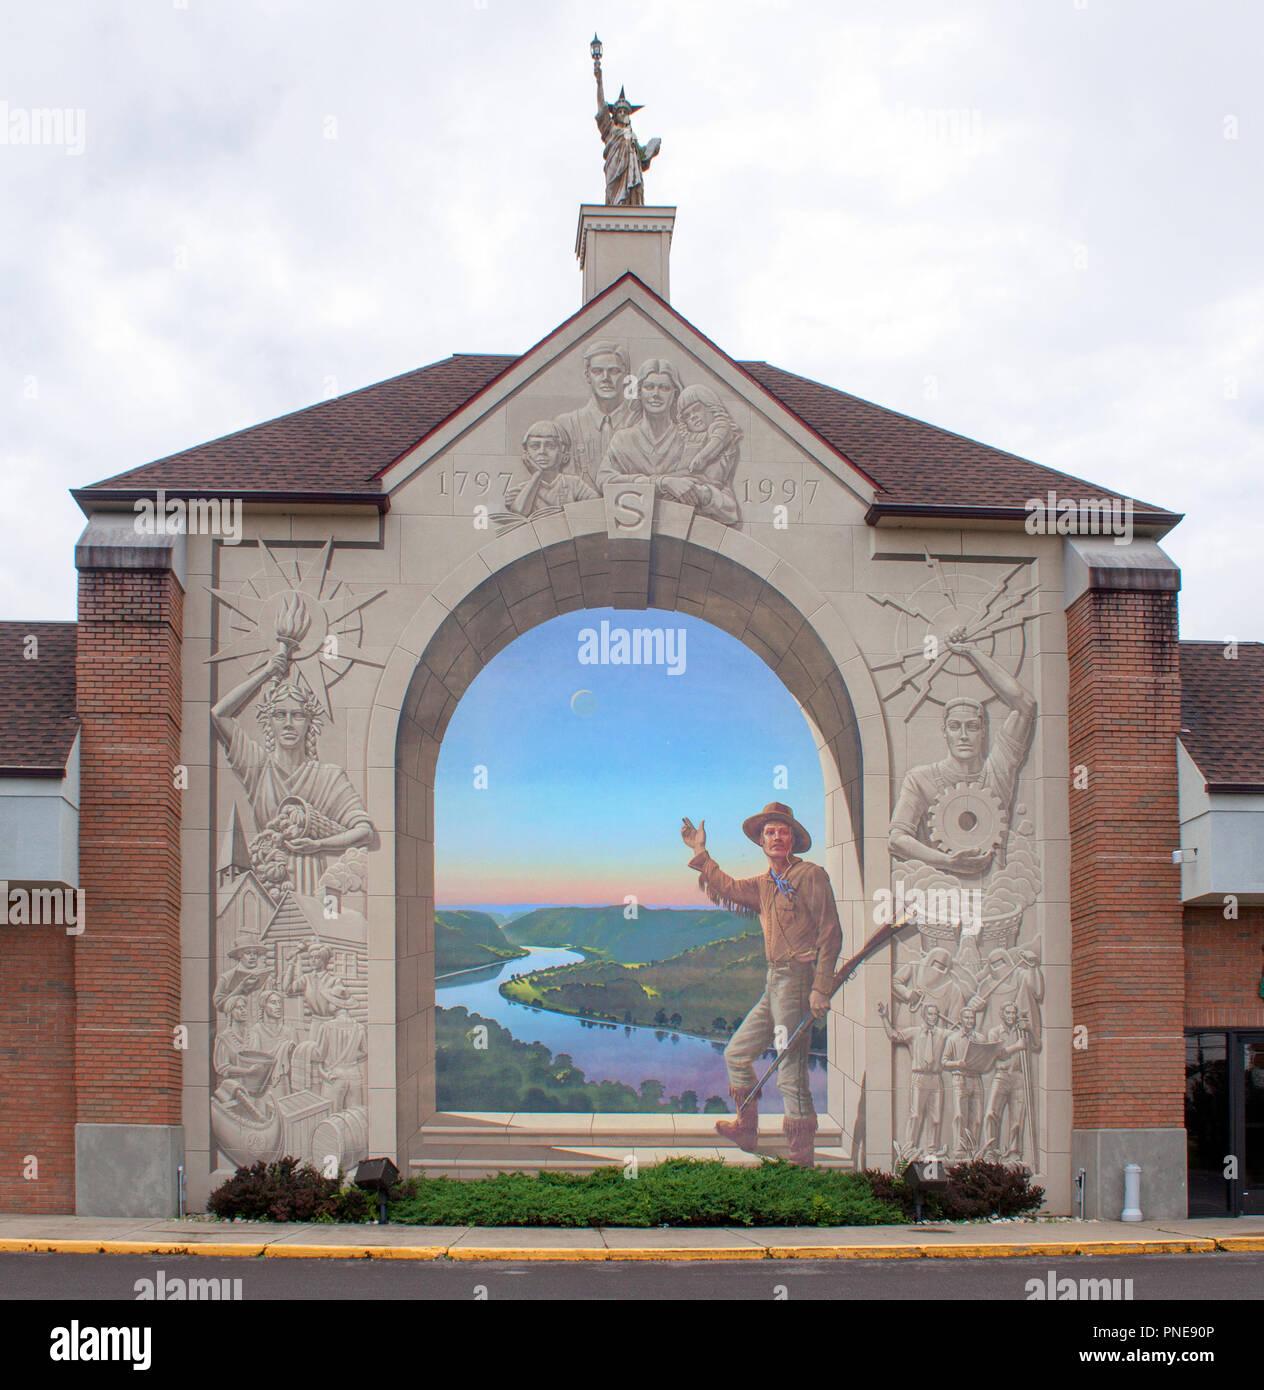 Pioneer Tage Wandbild in Steubenville, Ohio Stockbild